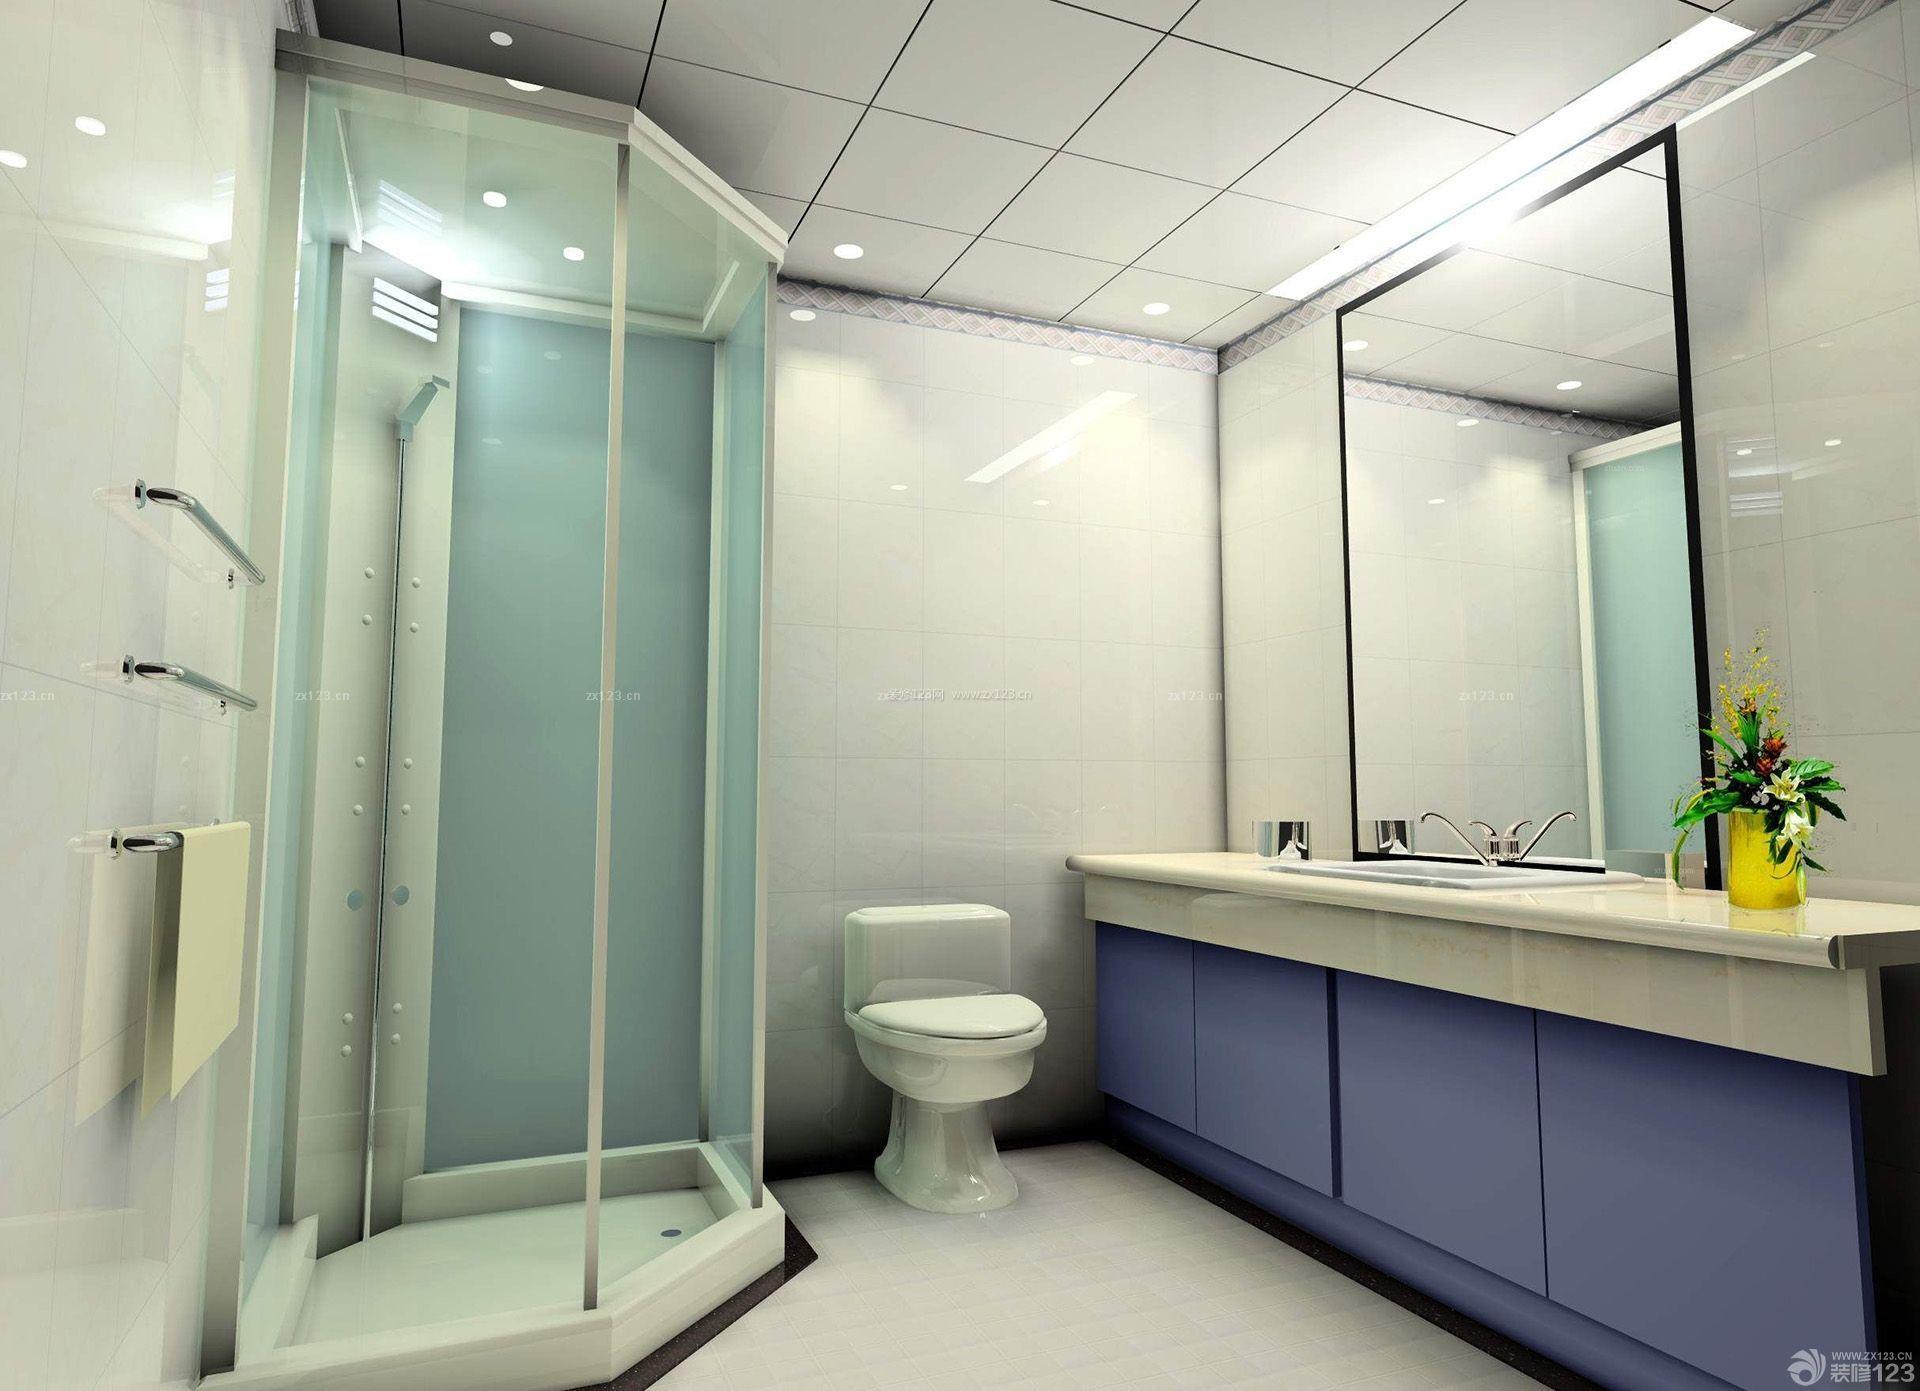 普通家庭整体浴室装修效果图